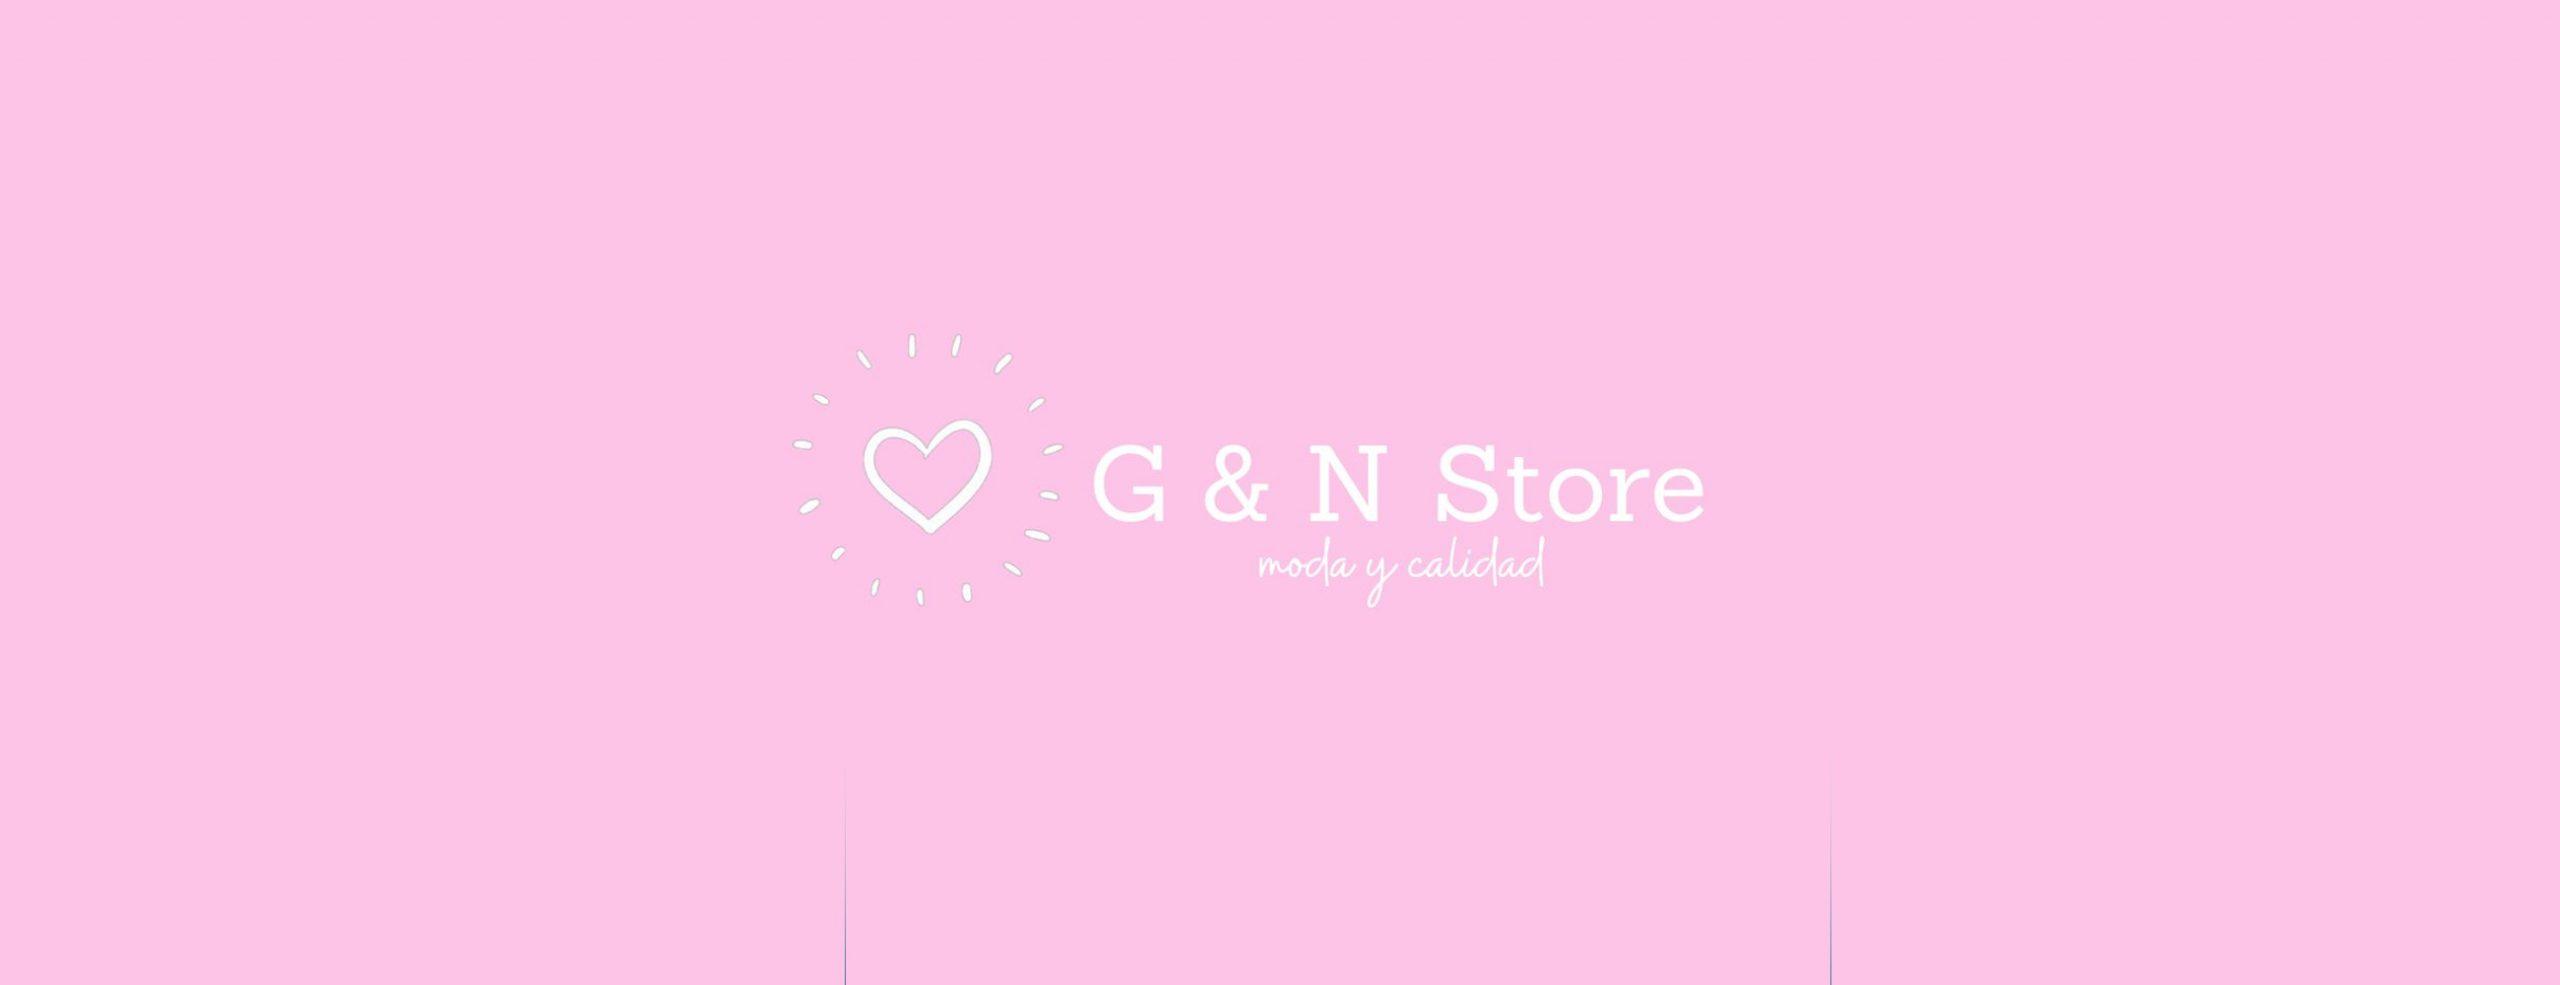 G&N Store